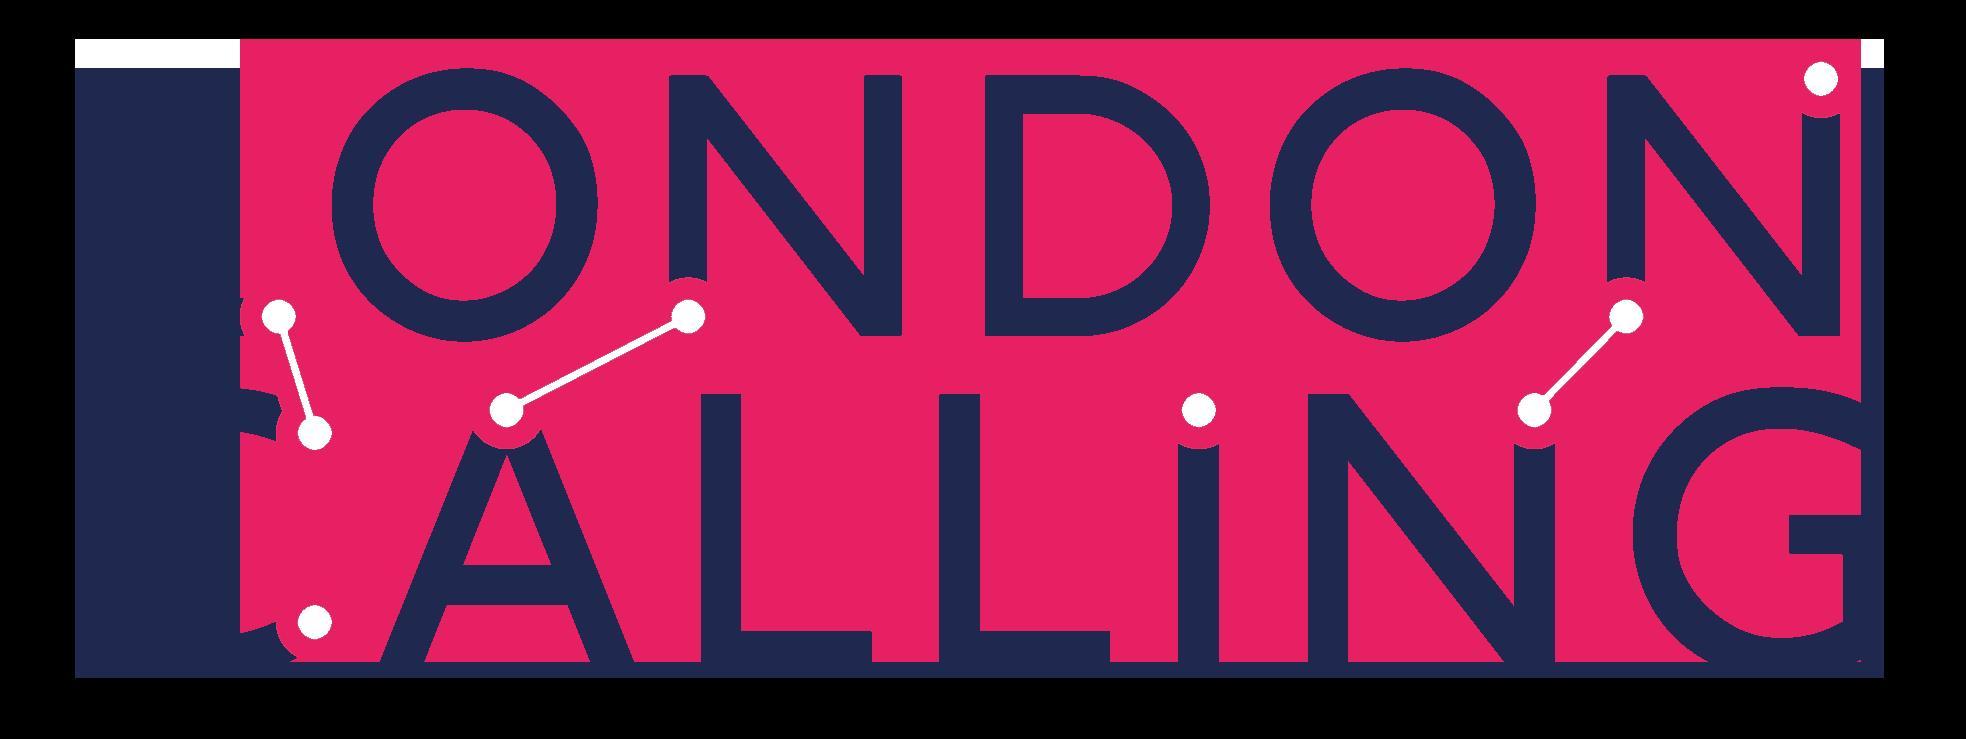 London Calling Report